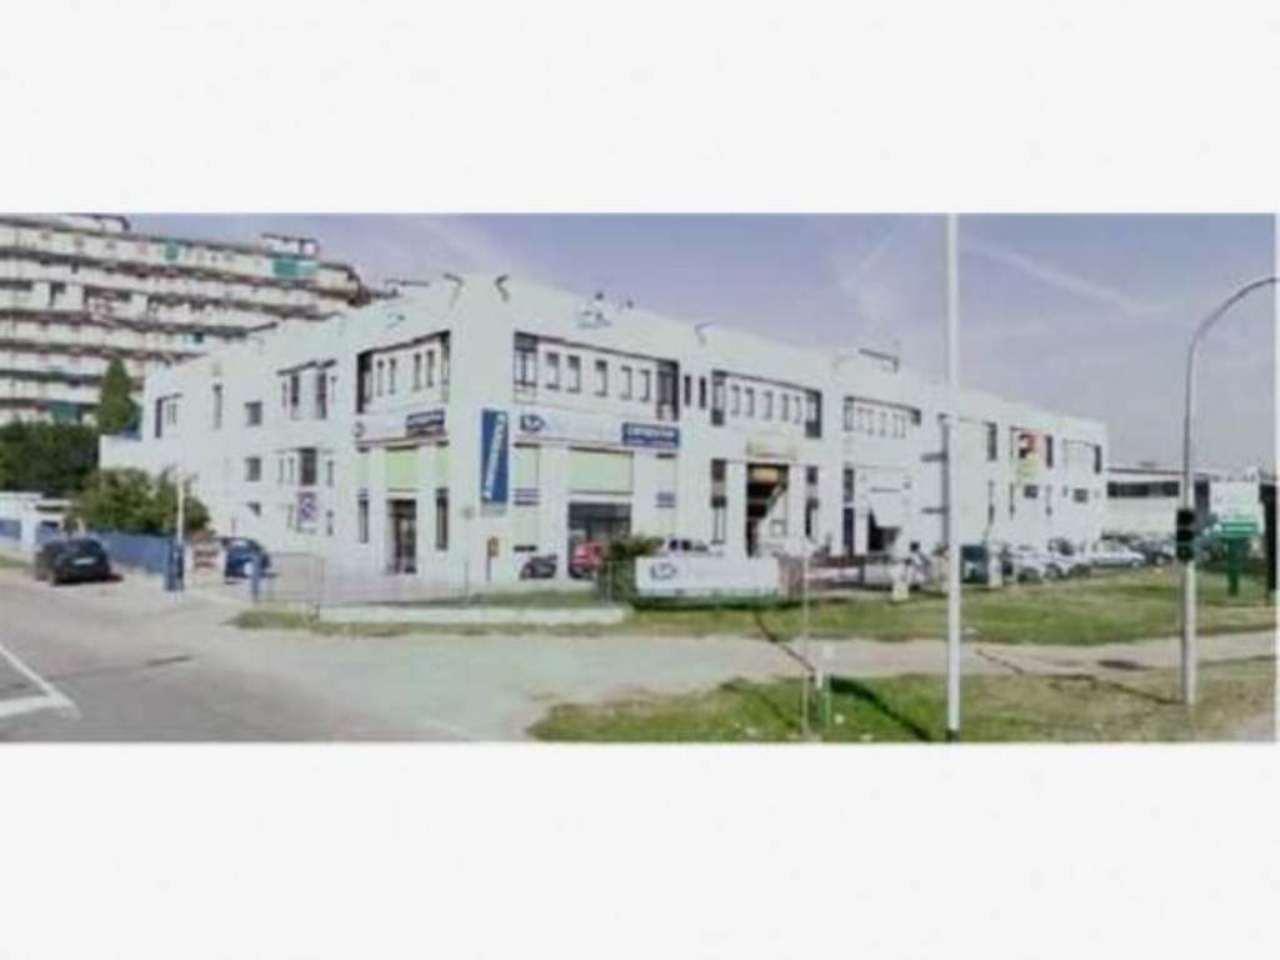 Magazzino in vendita a Cernusco sul Naviglio, 1 locali, prezzo € 250.000 | CambioCasa.it